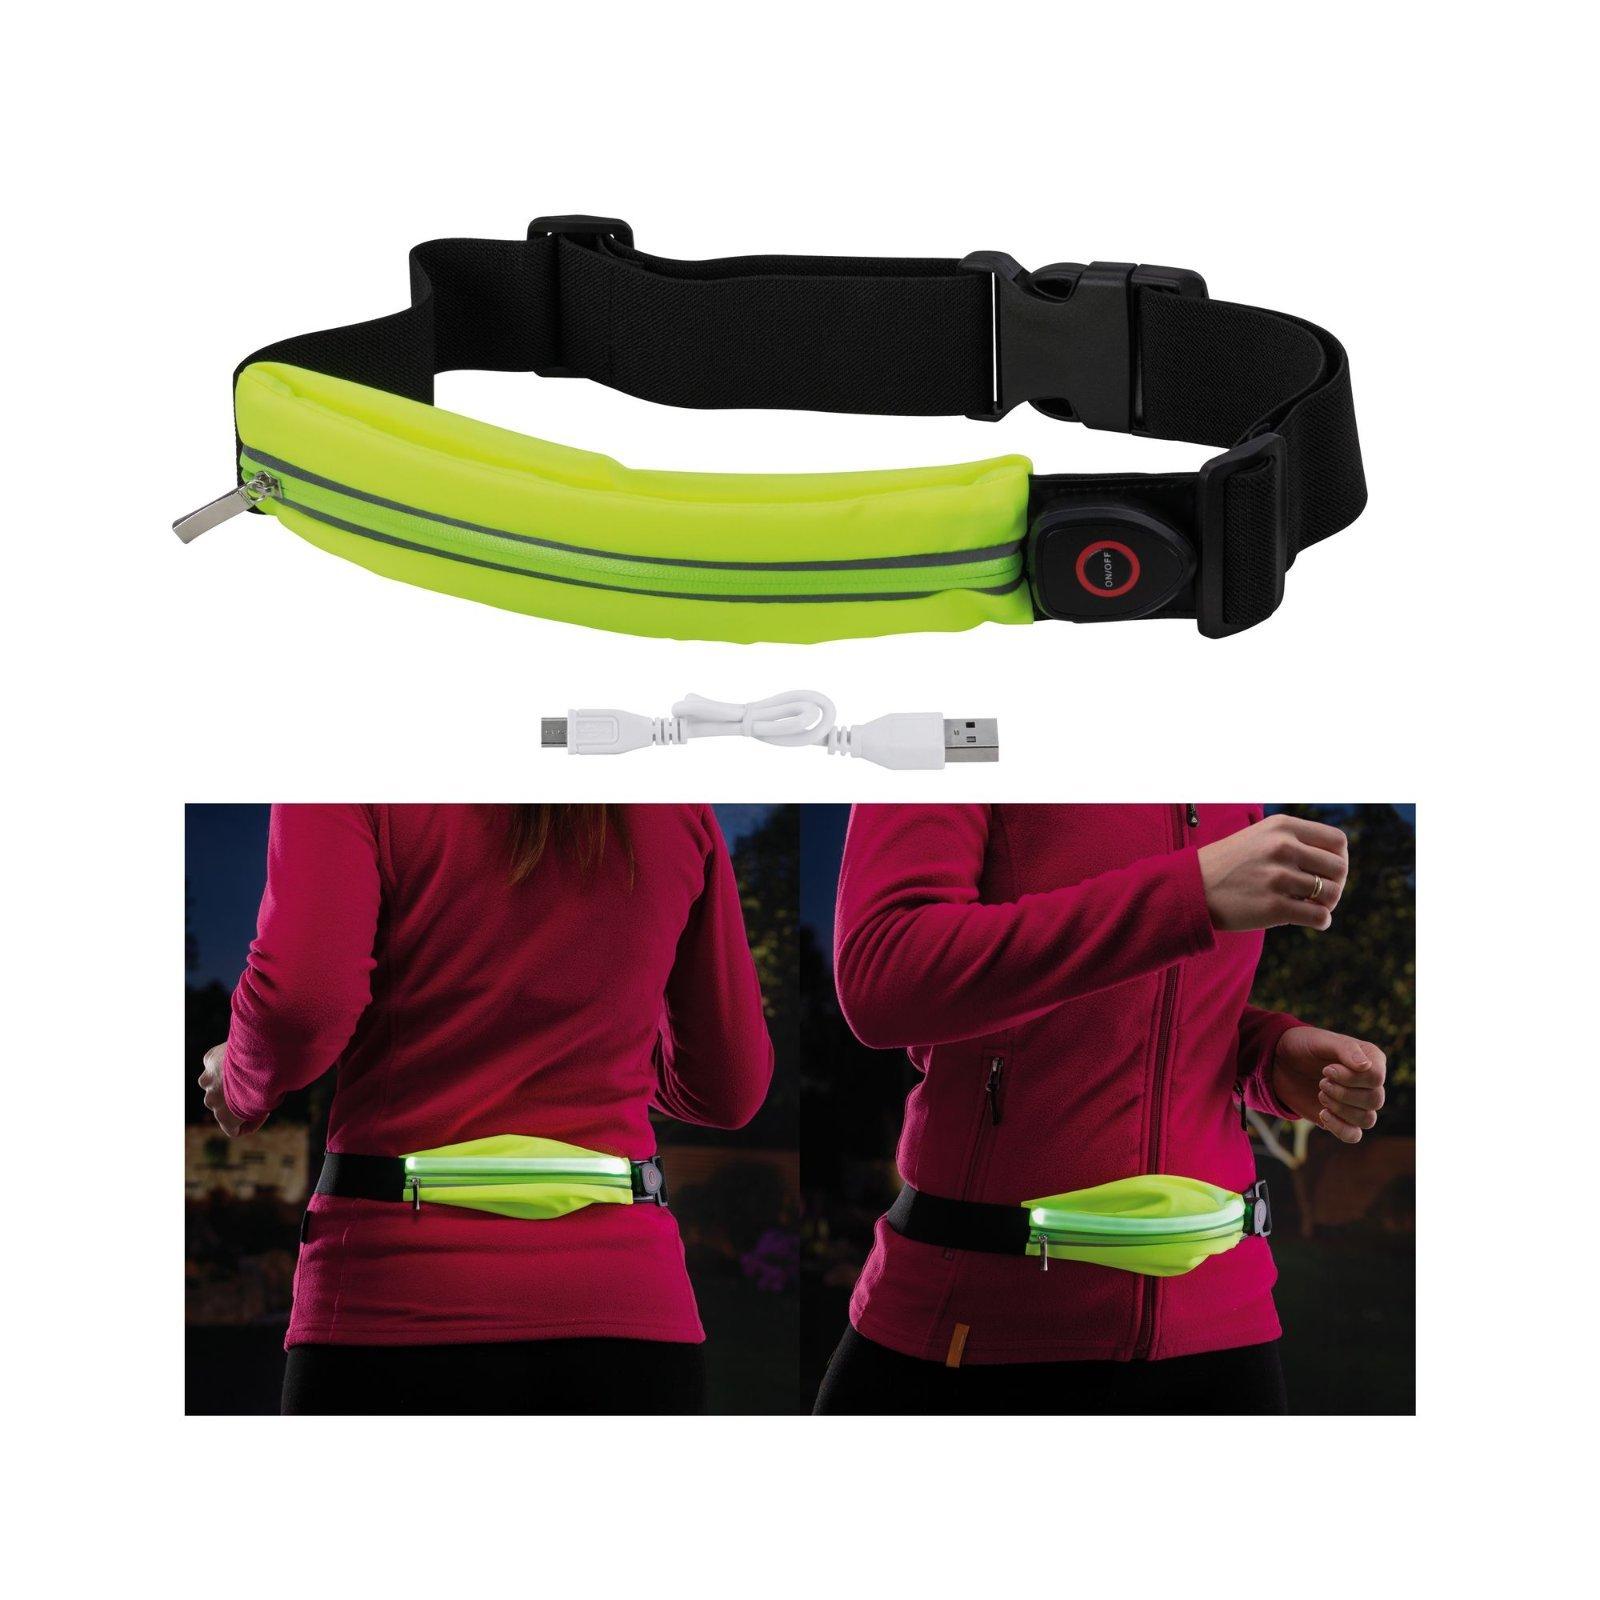 Сумка на талию со светодиодной подсветкой Paulmann Waist bag yellow rechargeable 70969, LED 0,4W, черный, зеленый, текстиль - фото 1